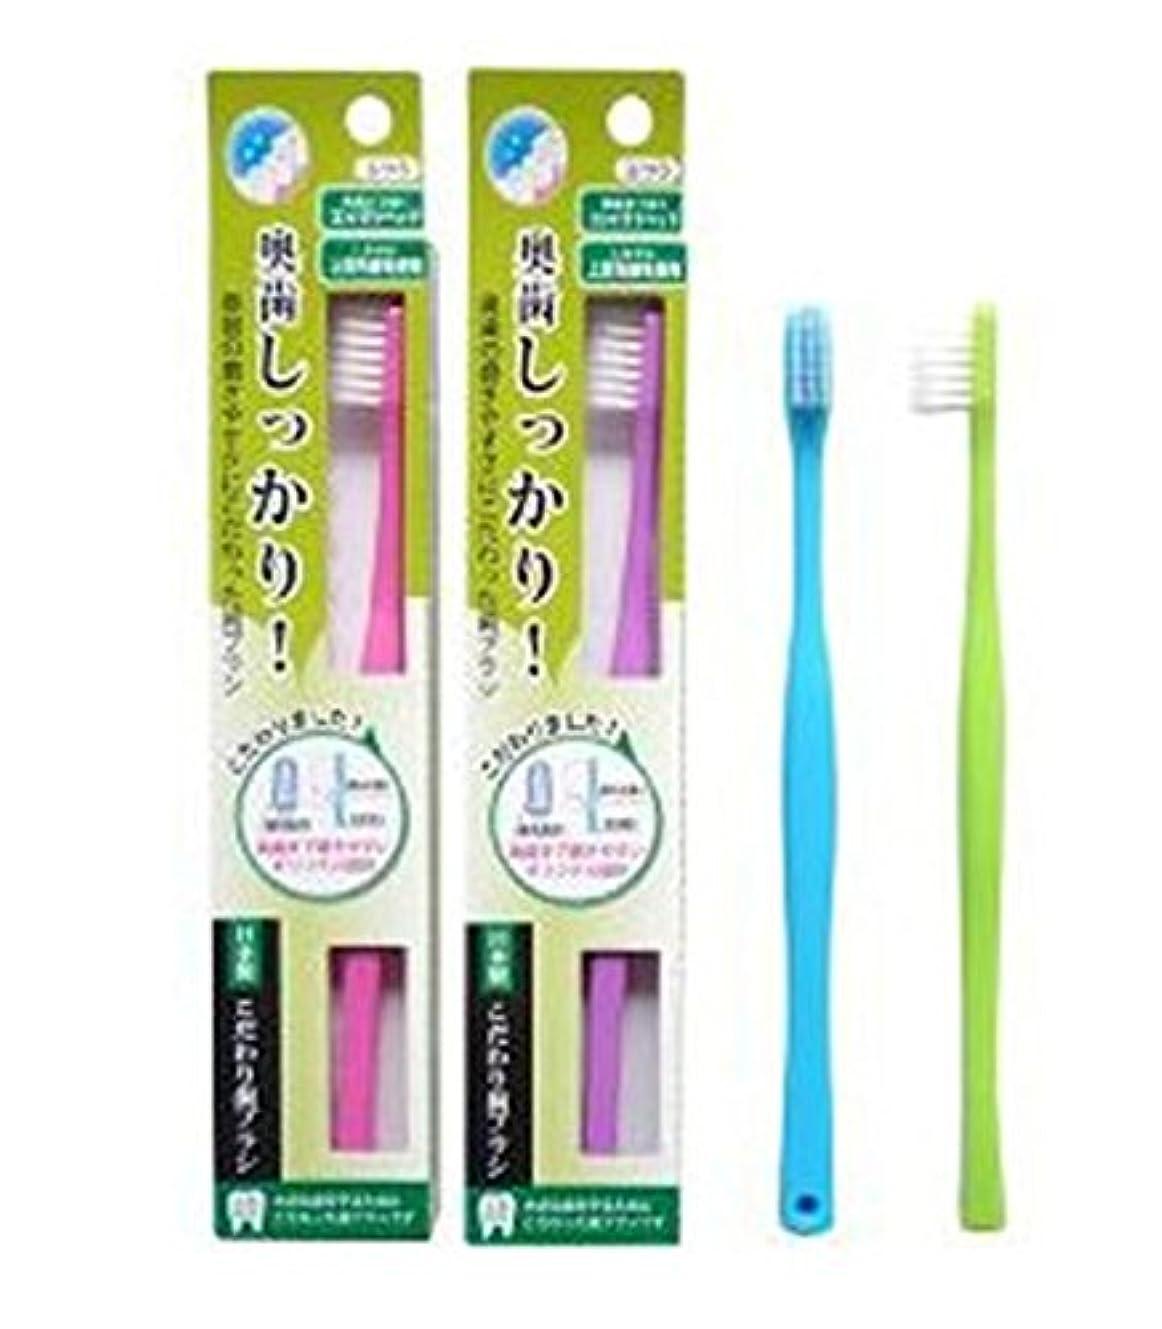 合計精巧な事務所ライフレンジ 奥歯しっかりこだわり歯ブラシ 先細 12本 (ピンク4、パープル4、ブルー2、グリーン2)アソート